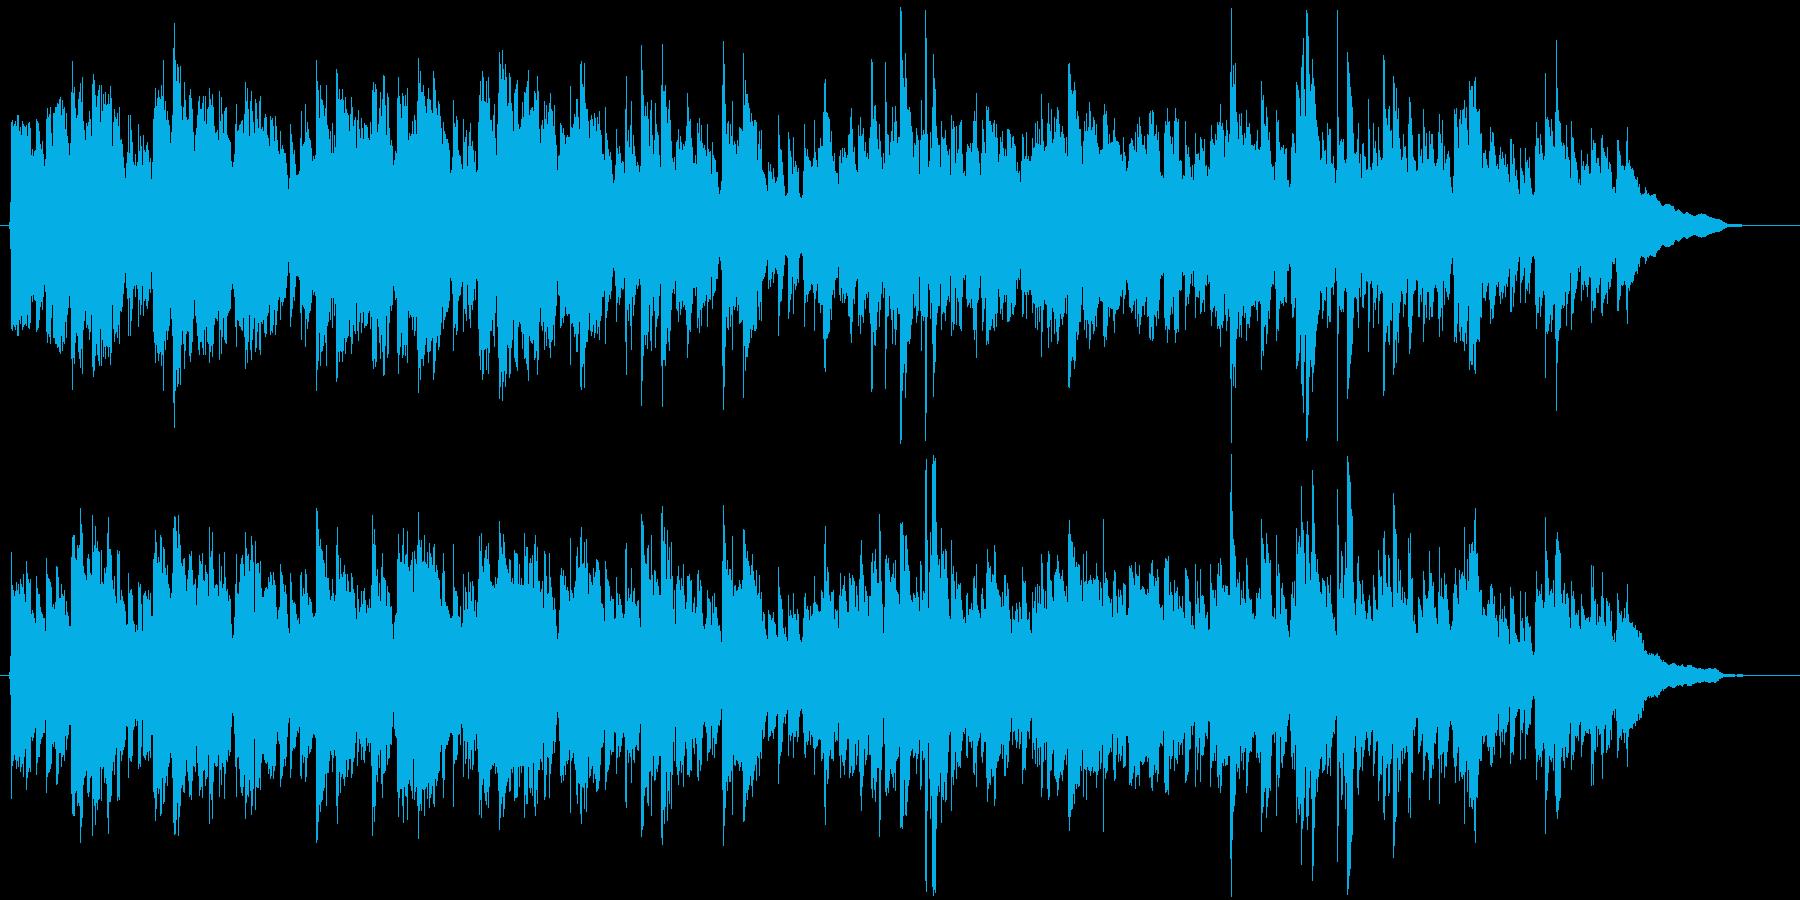 船越英○郎サスペンス風の再生済みの波形